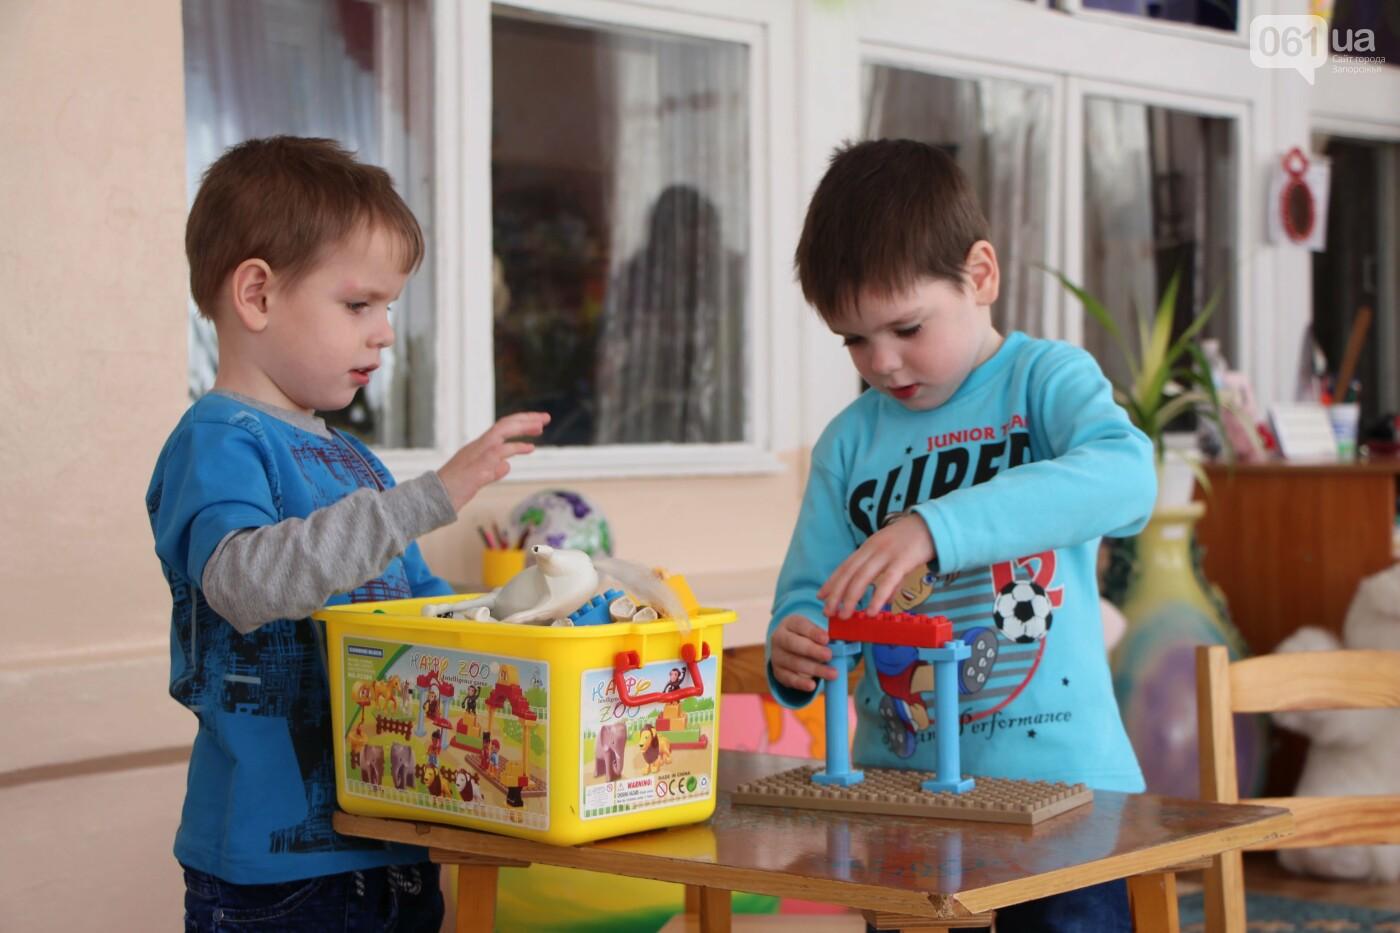 Познакомиться с будущим ребенком: как и почему волонтеры создают анкеты для запорожских сирот, фото-12